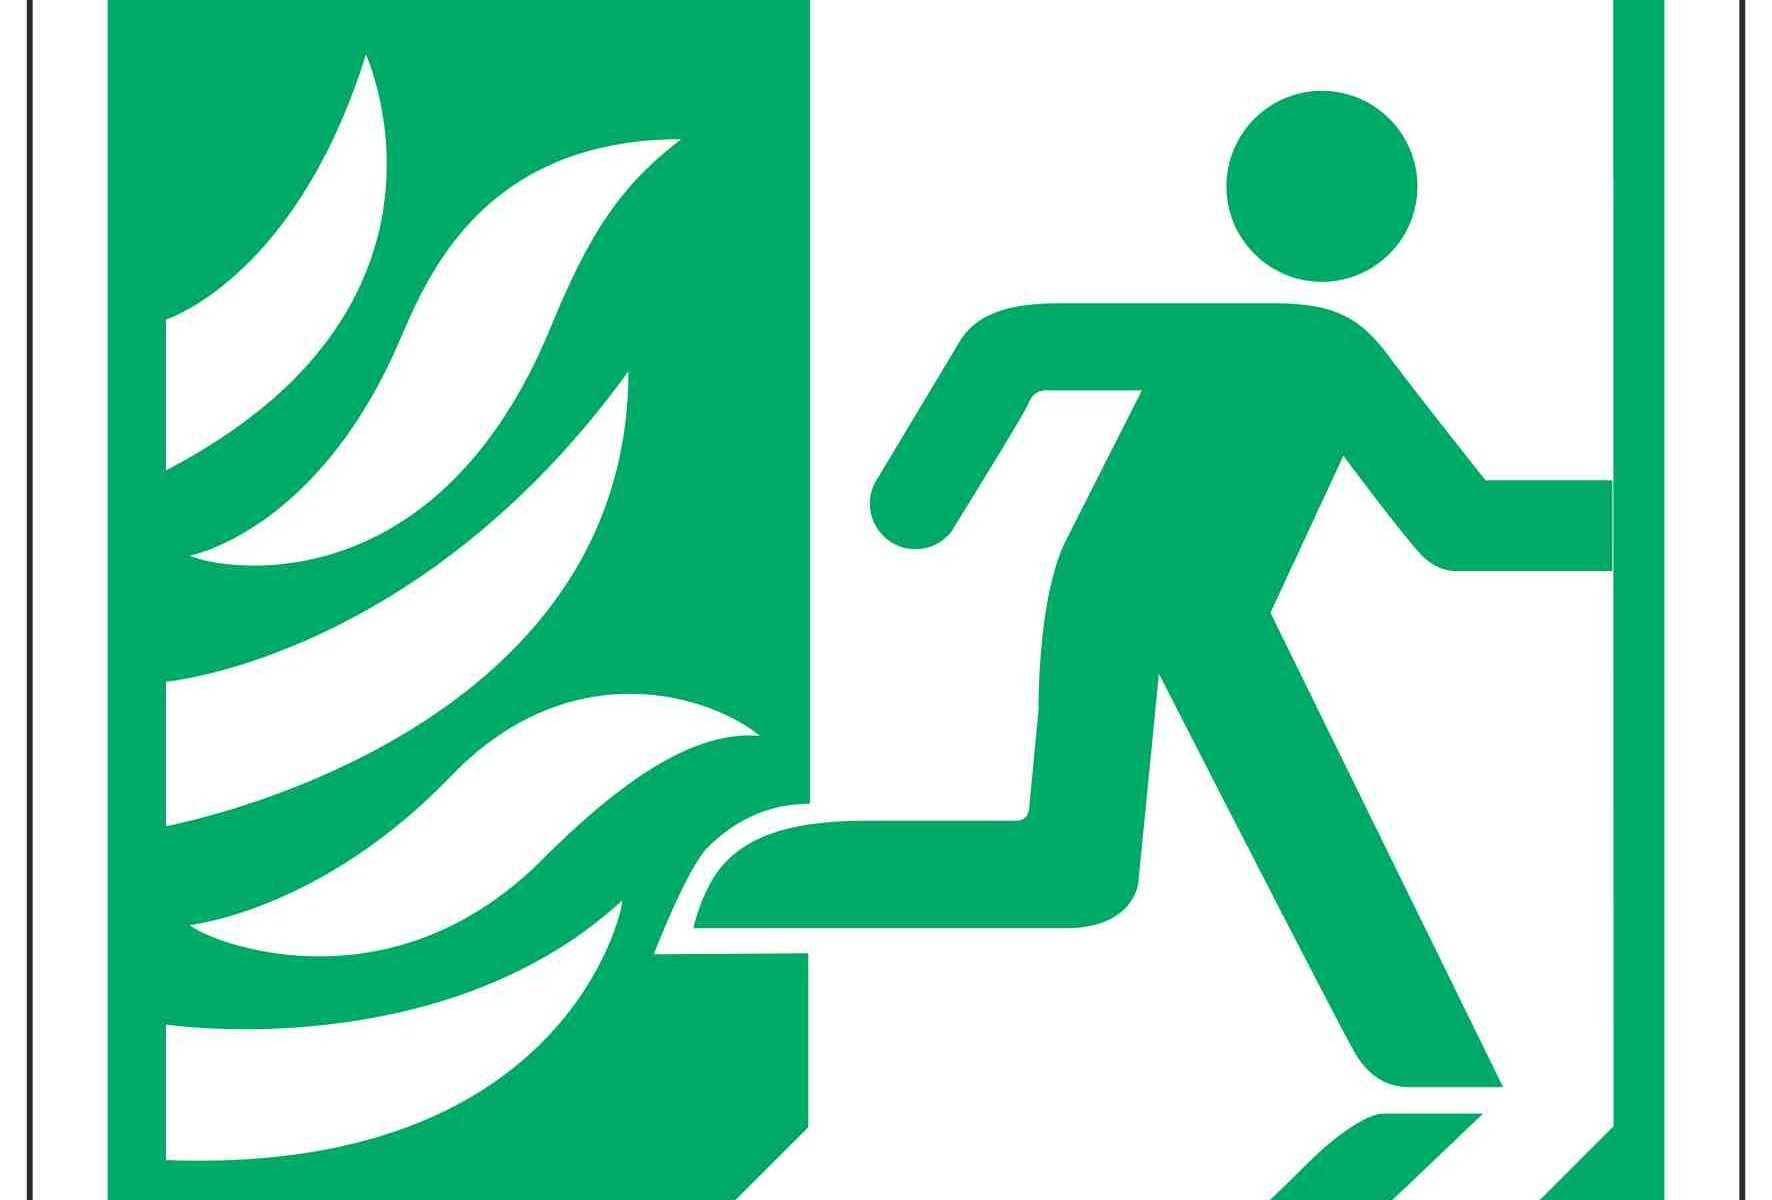 Running Man Right / NHS Symbol